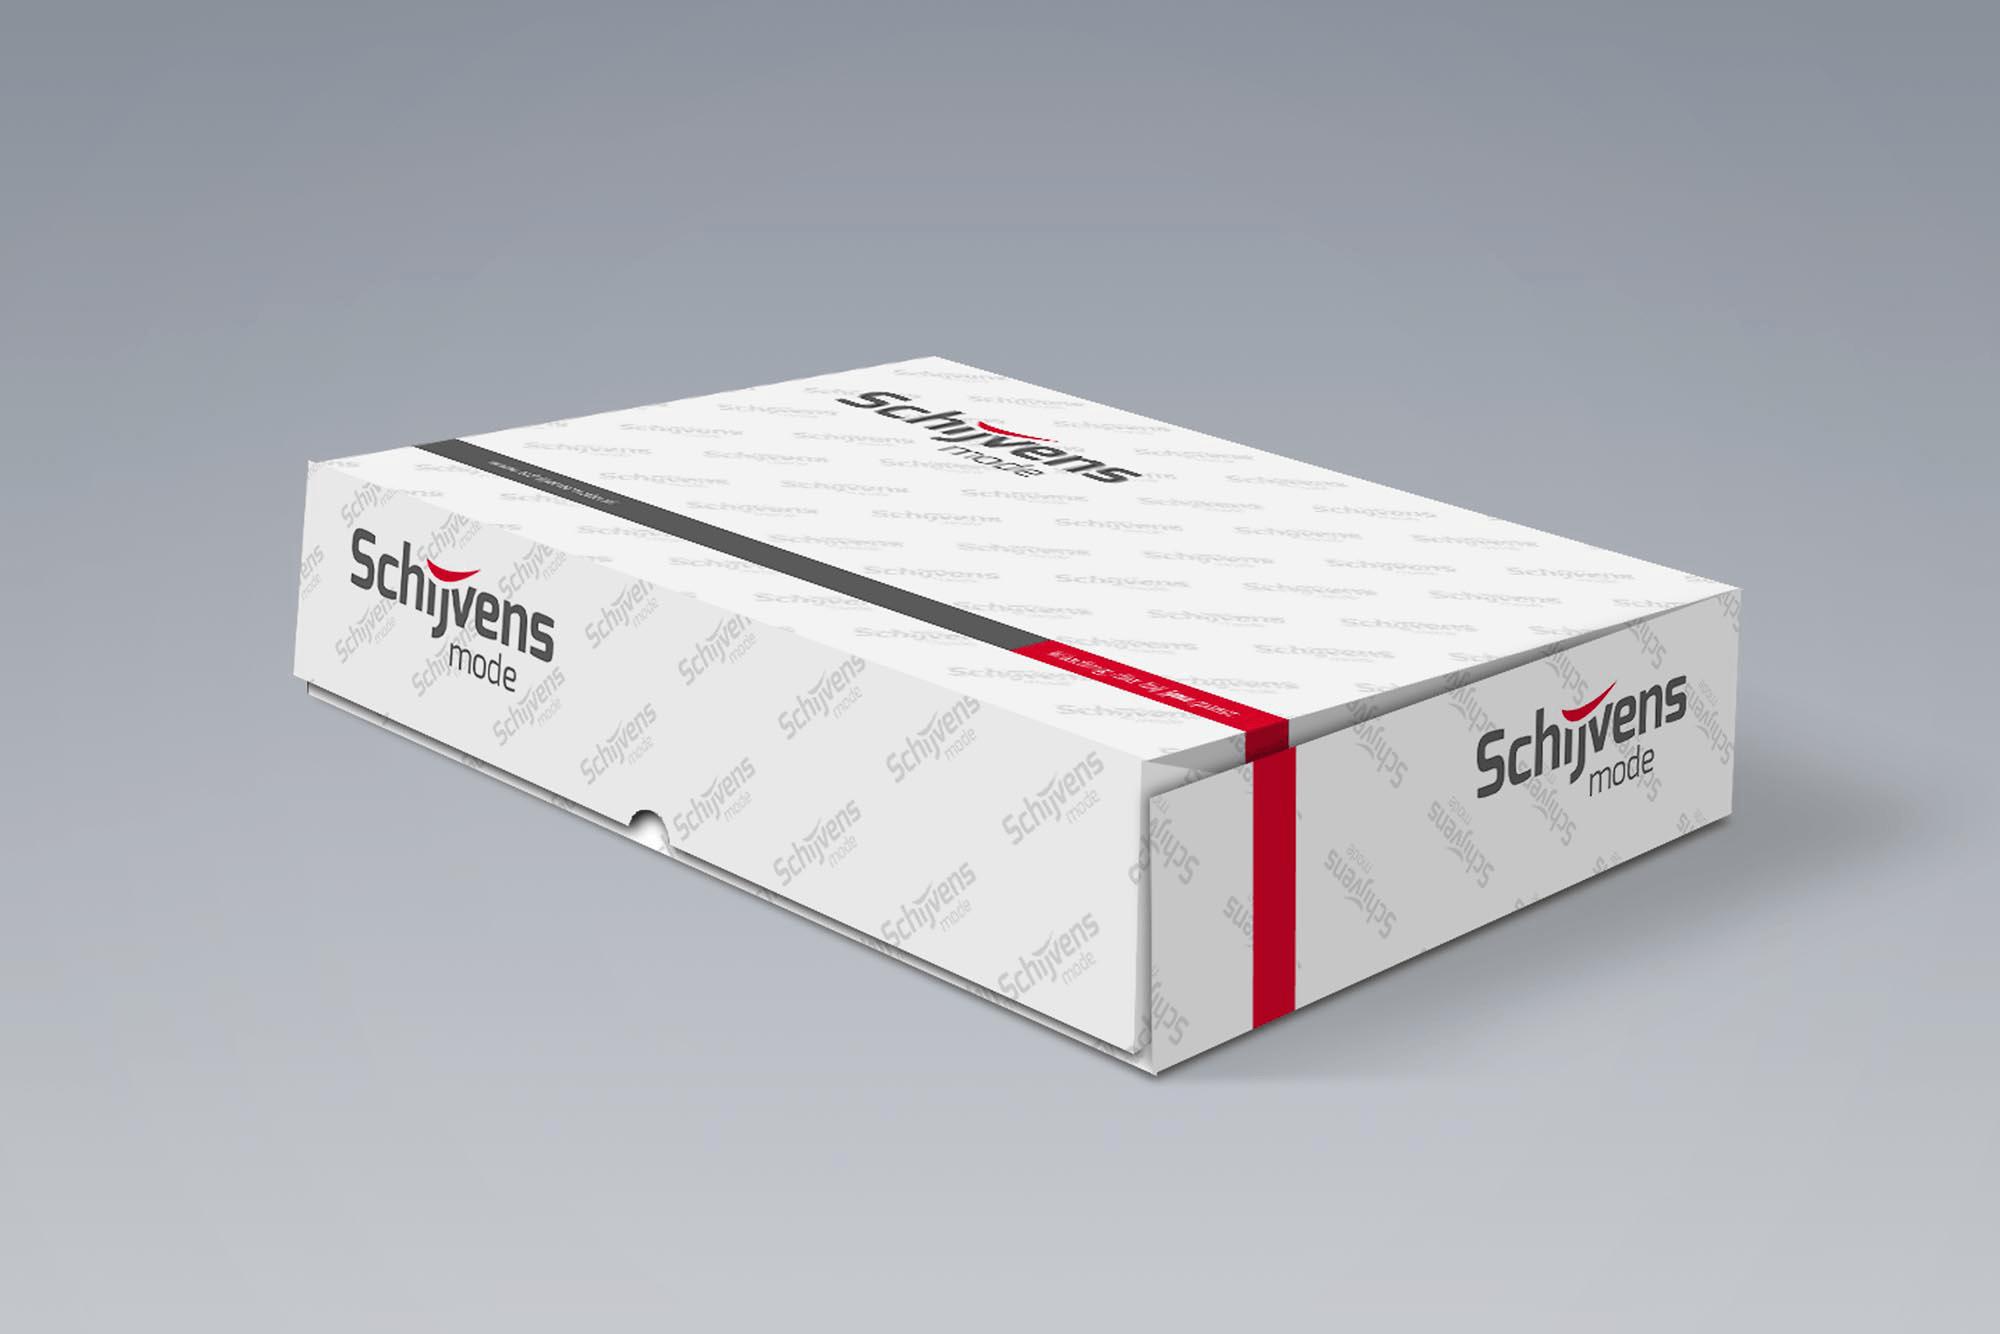 Verpakking Schijvens Mode